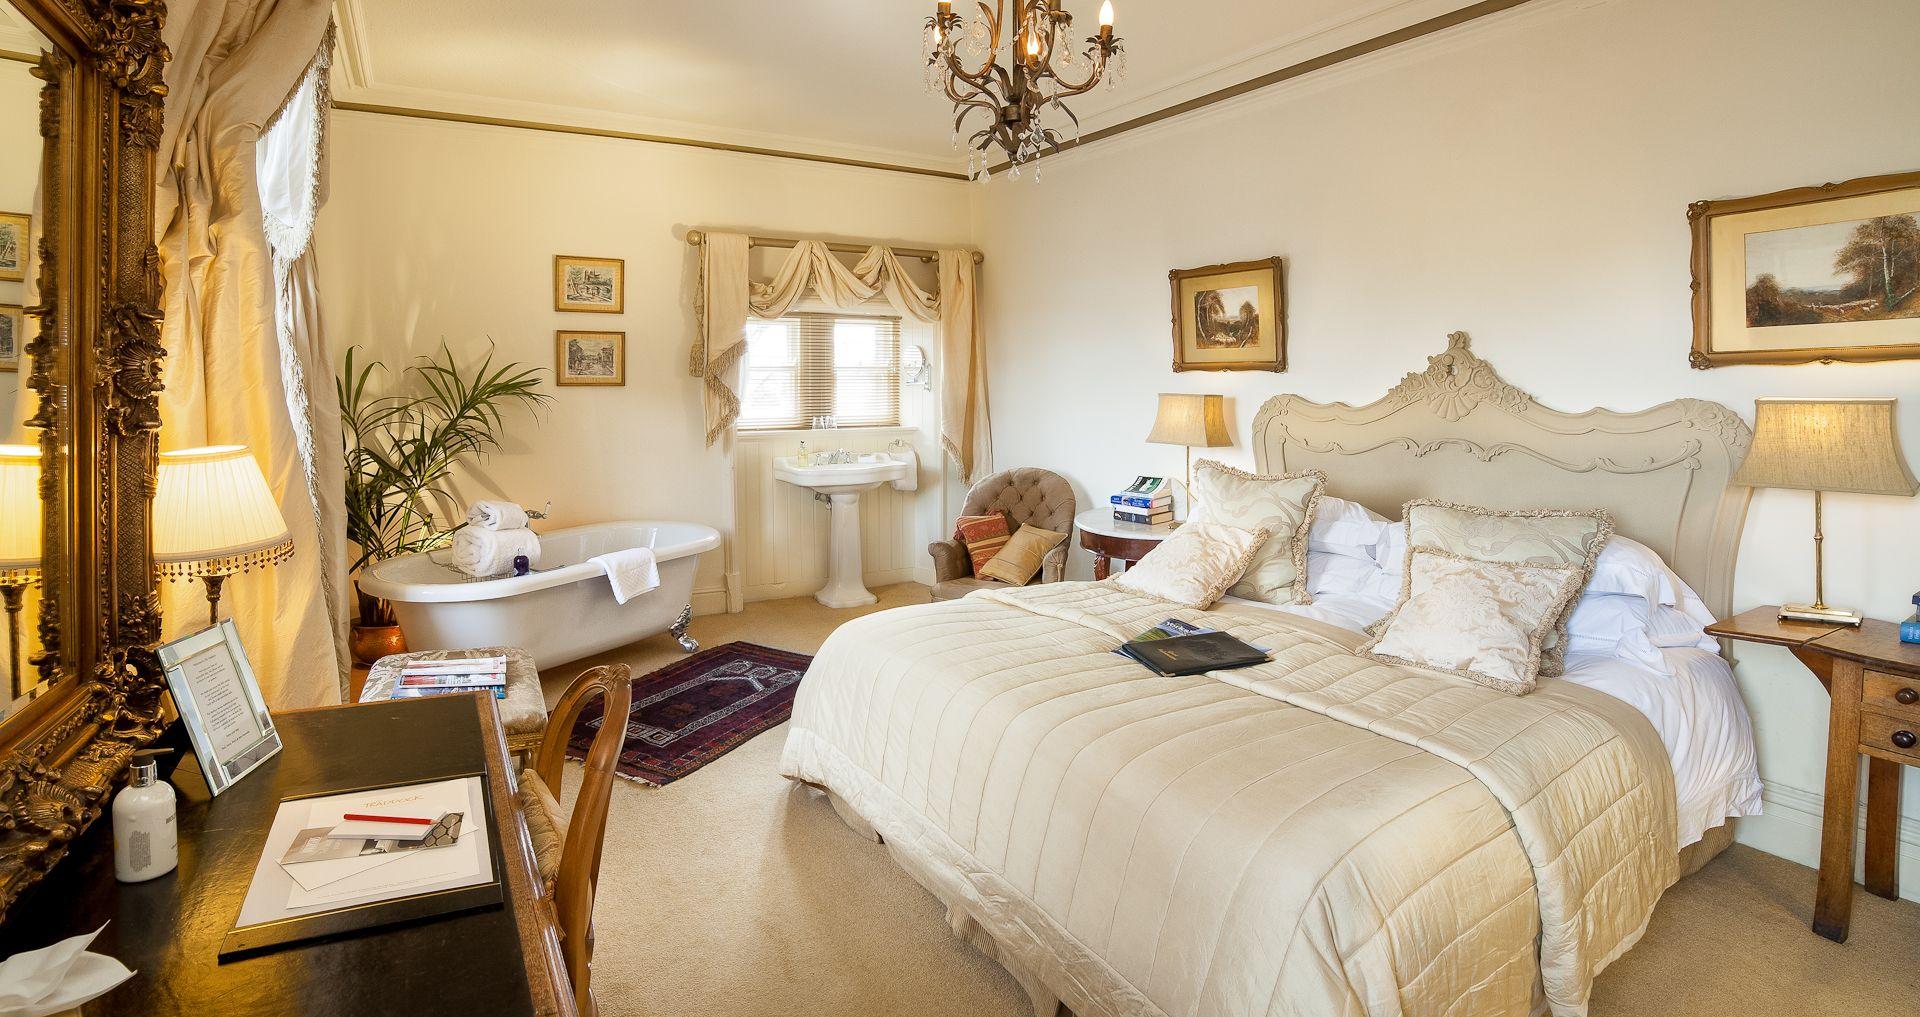 The Traddock, Austwick Breakfast in bed, Small hotel